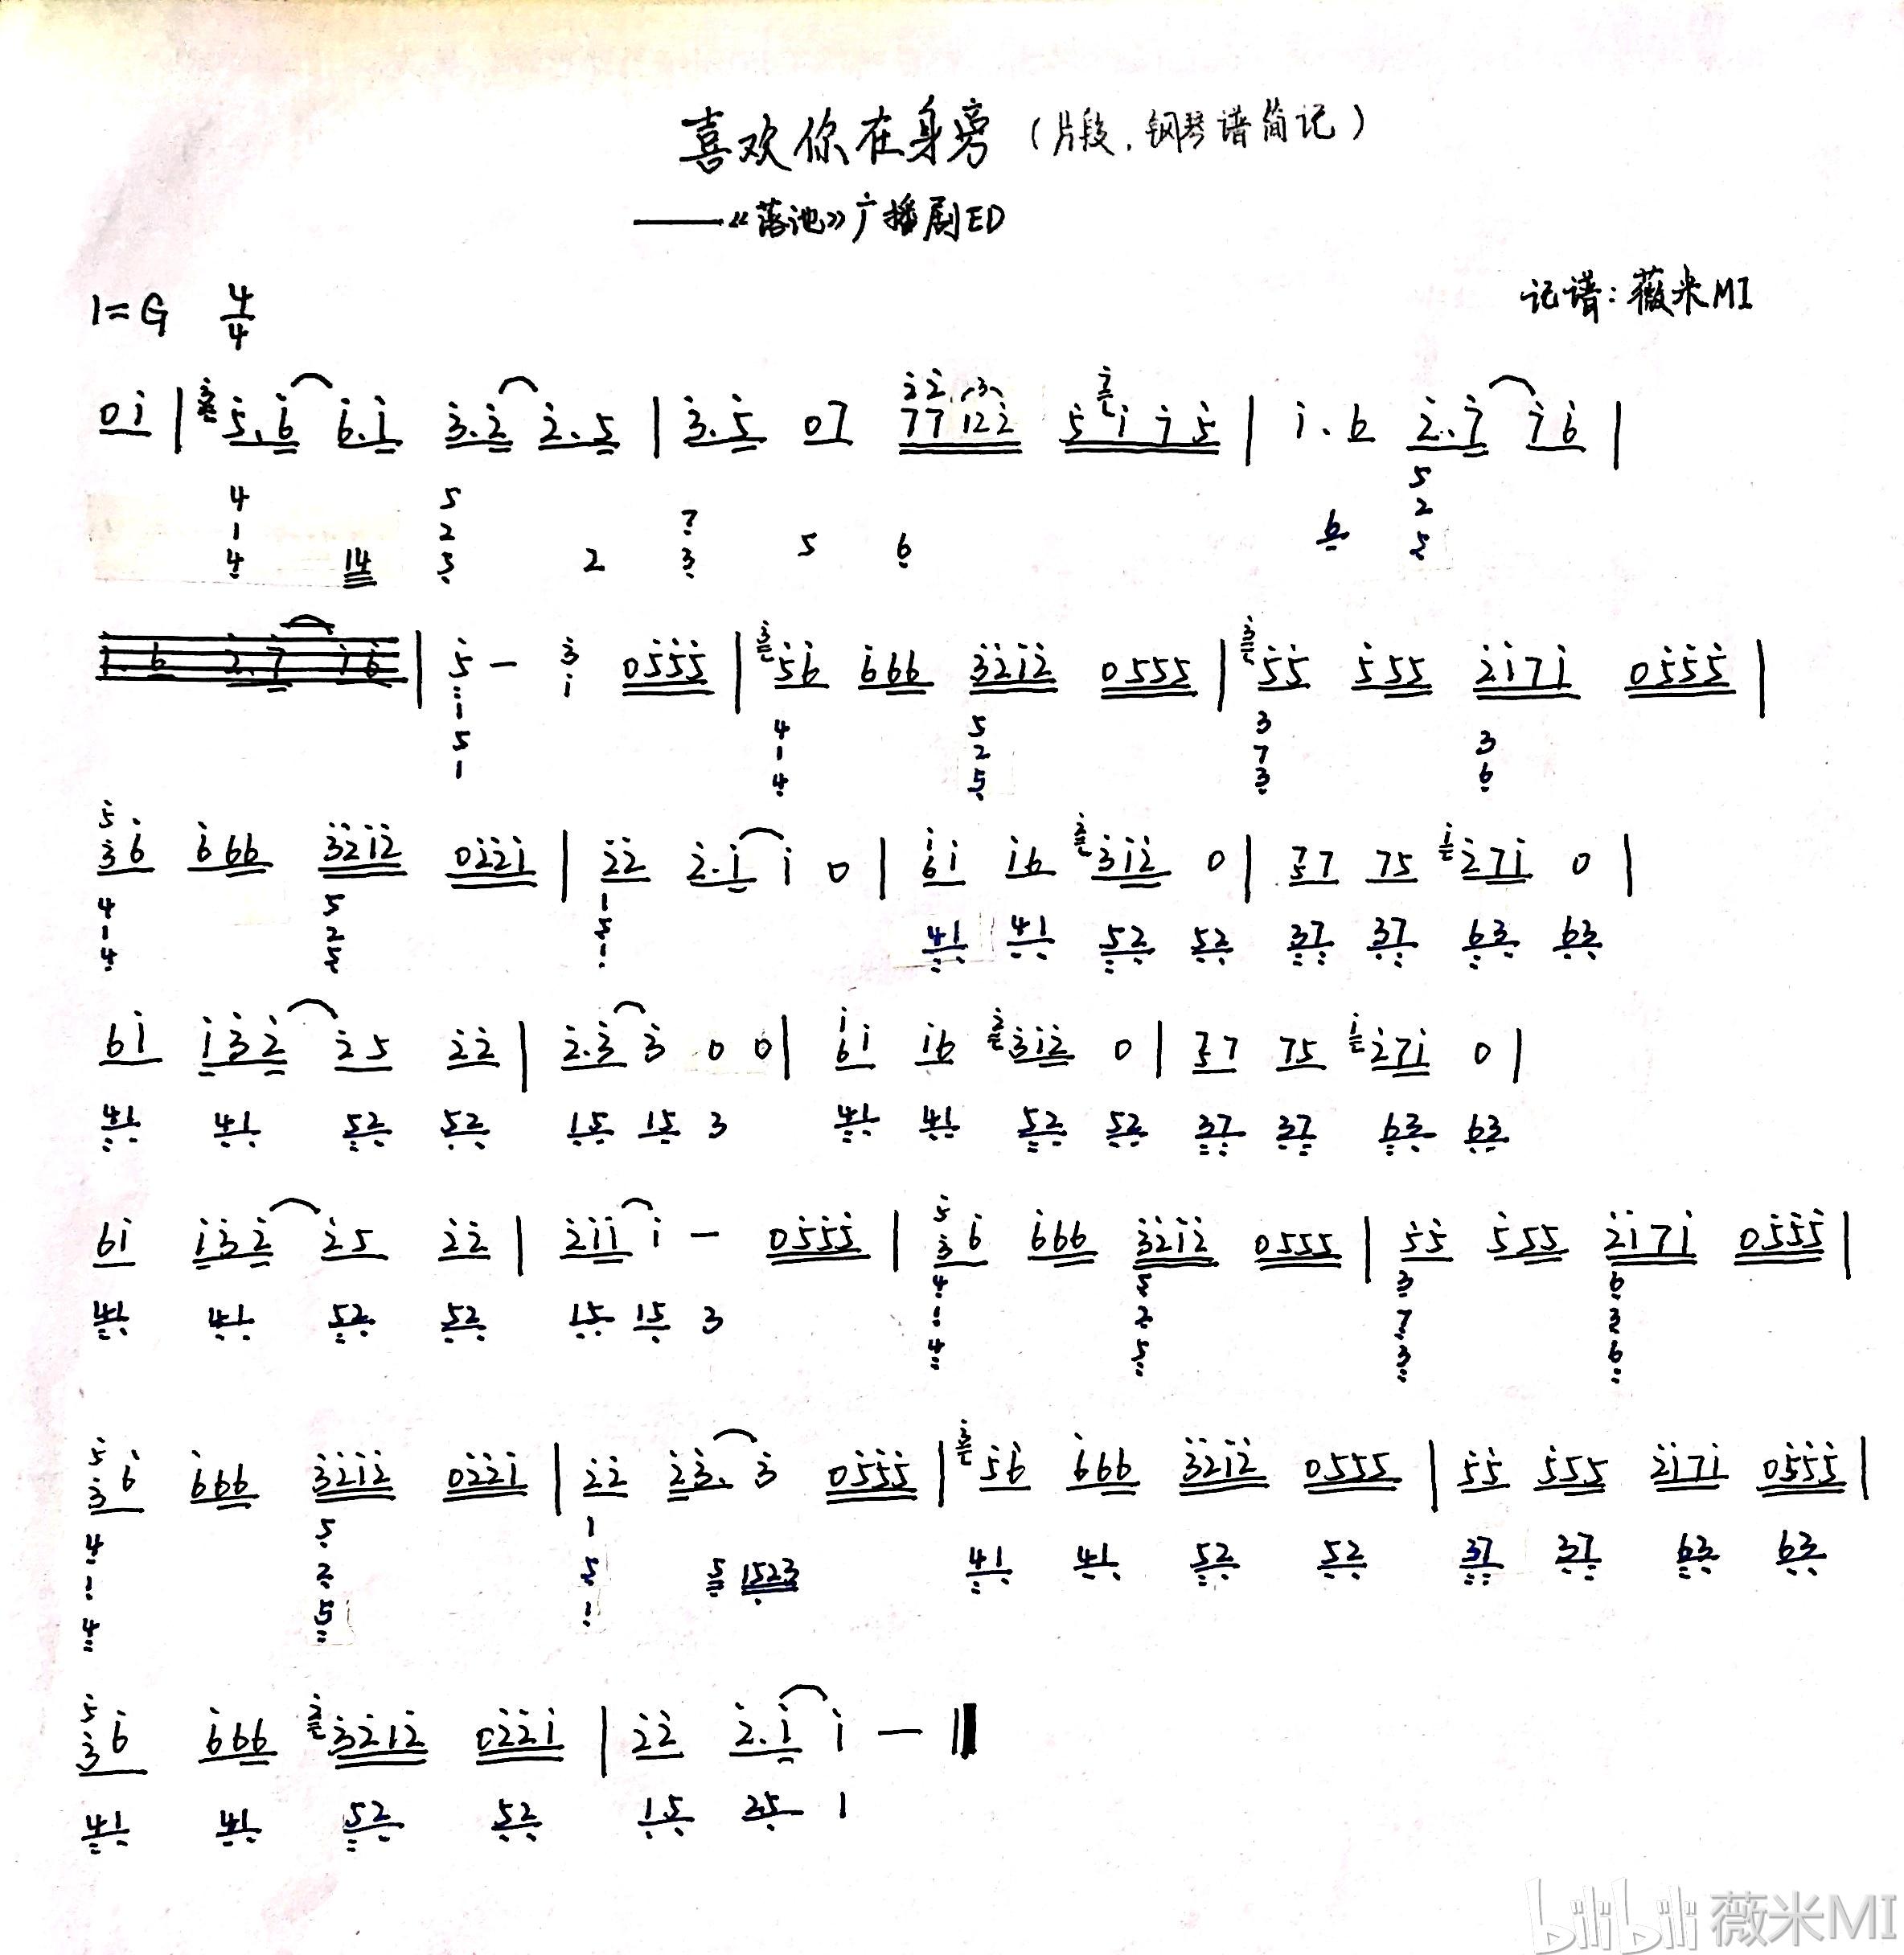 新鲜曲谱_钢琴简单曲谱